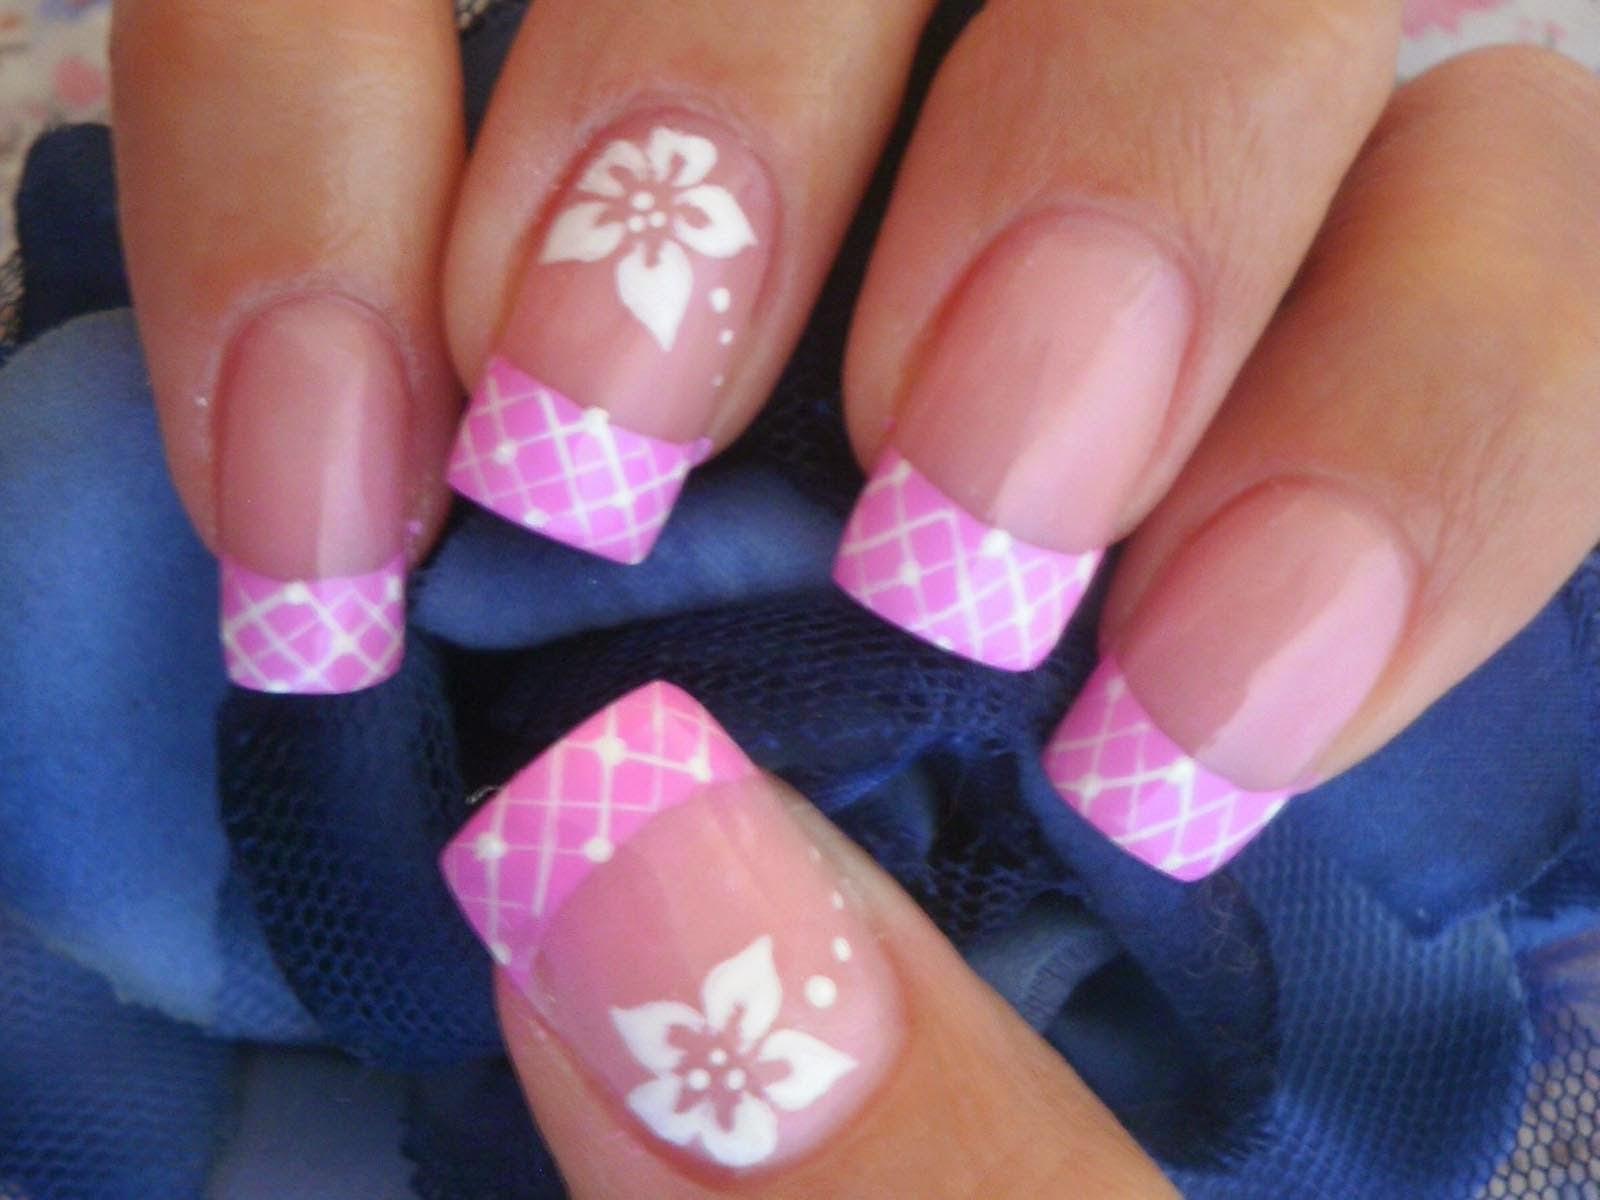 Imagenes de uñas decoradas, diseños y estilos de uñas | Todo en ...